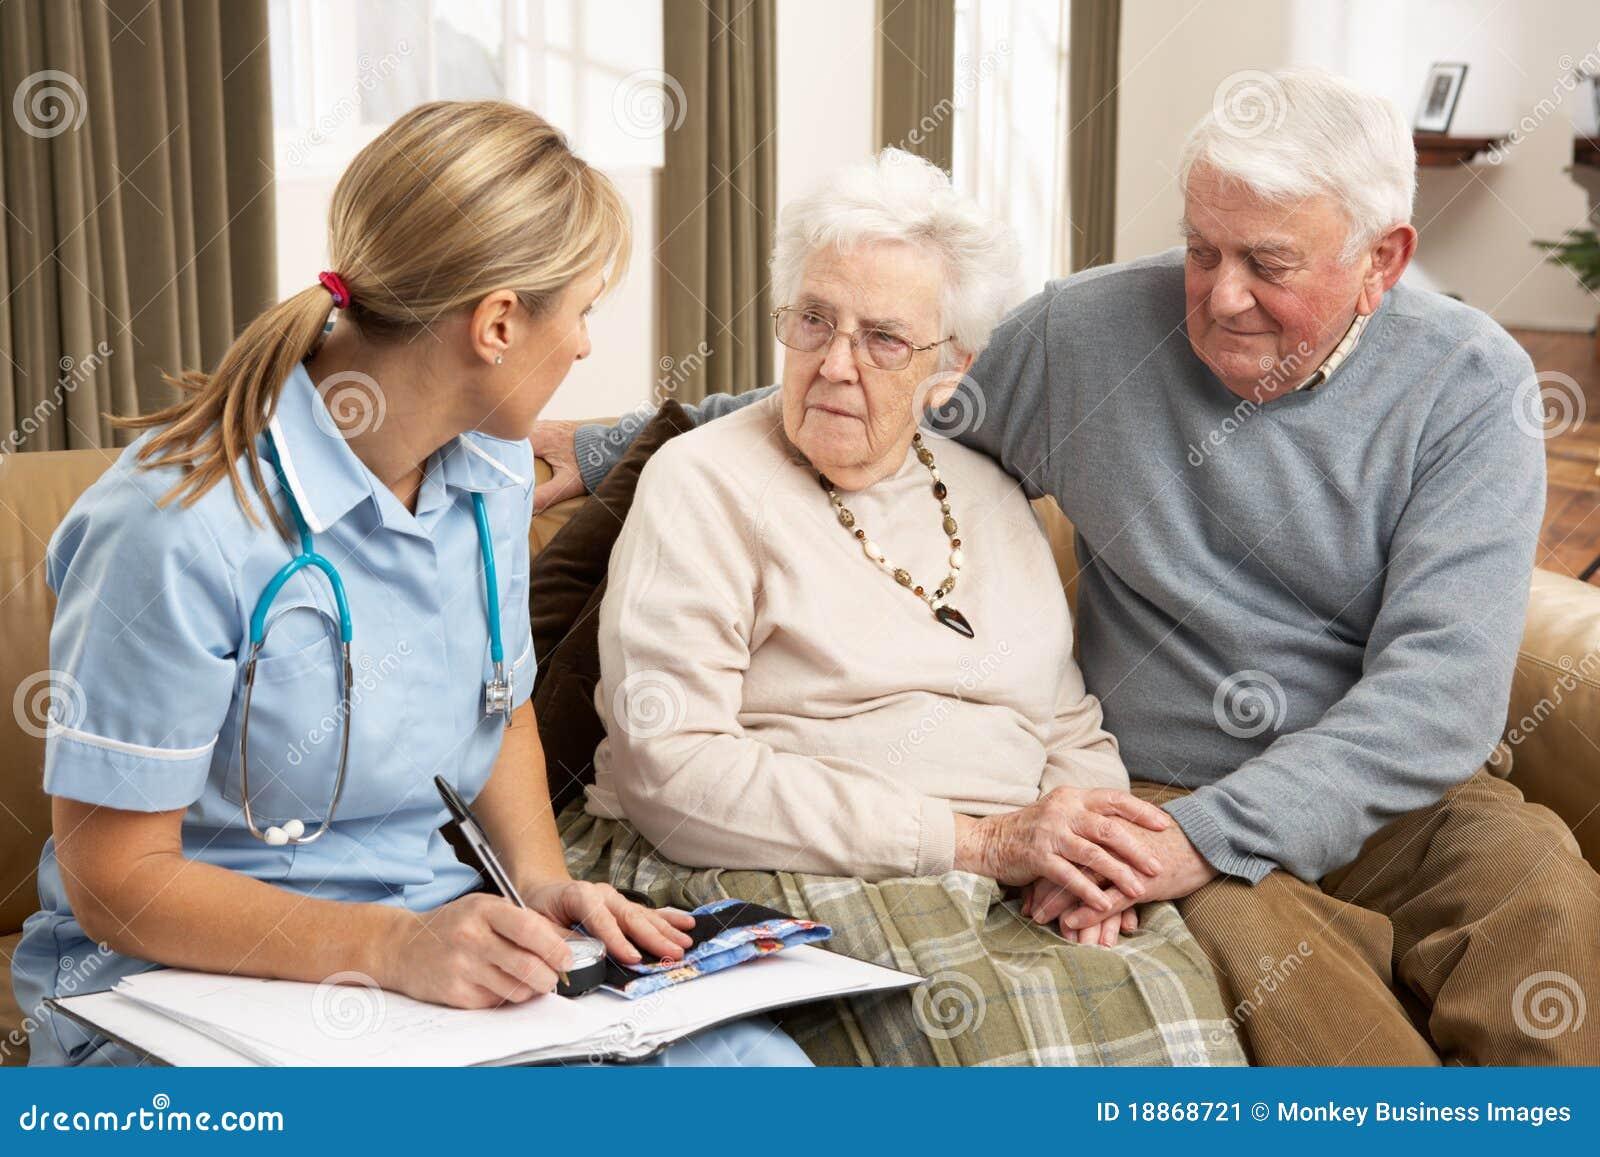 Pary dyskusi zdrowie stwarzać ognisko domowe starszego gościa